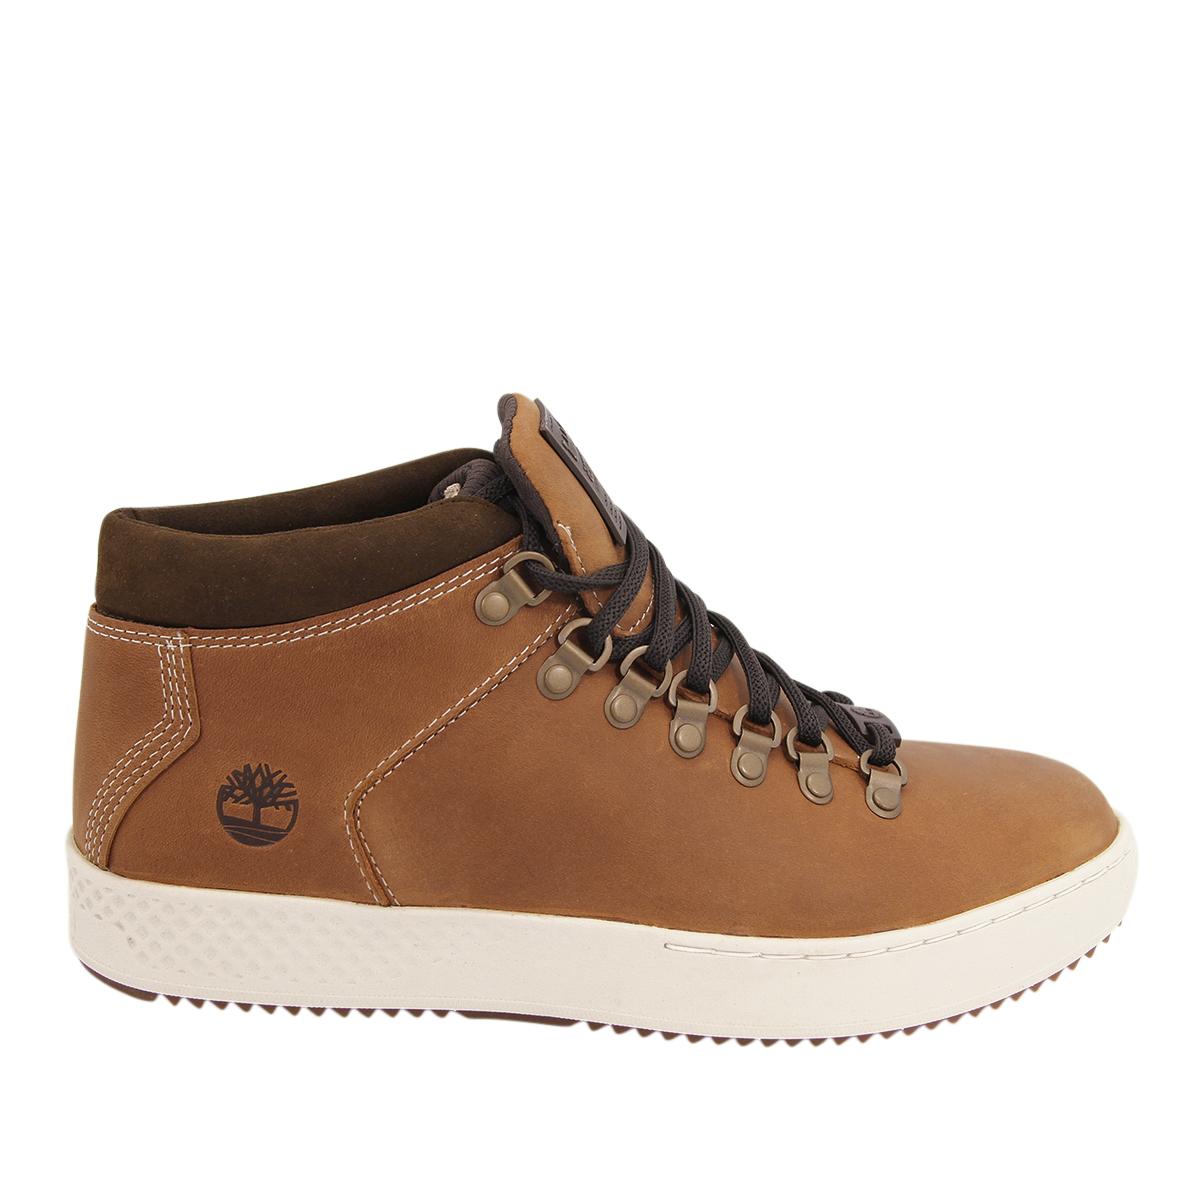 Timberland Chukka cityroam Alpine Chaussures Hommes Neuf